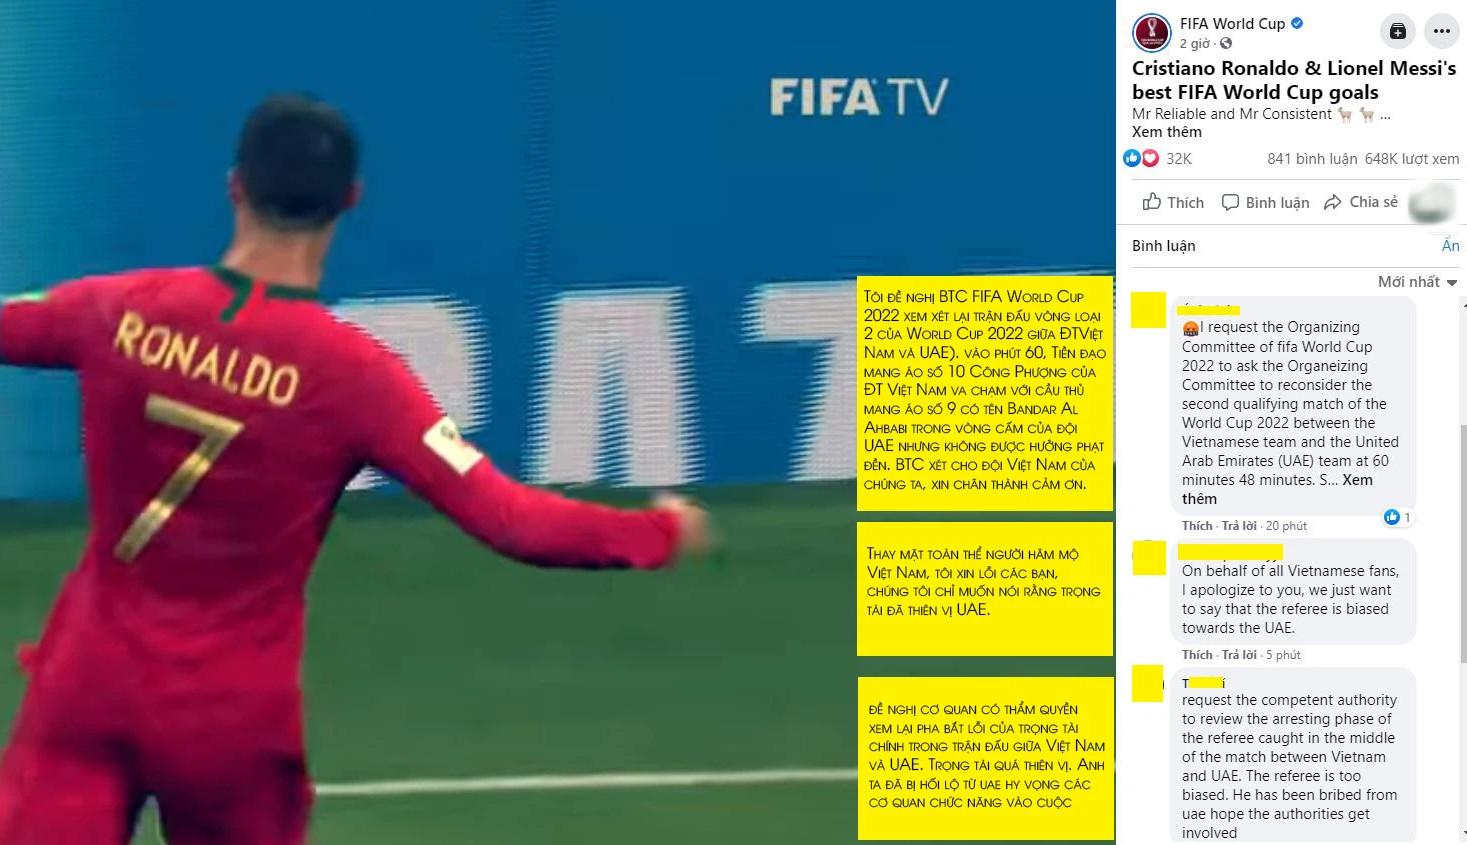 Fan Việt tràn vào Fanpage của FIFA World Cup để đòi công bằng cho Công Phượng - Ảnh 2.